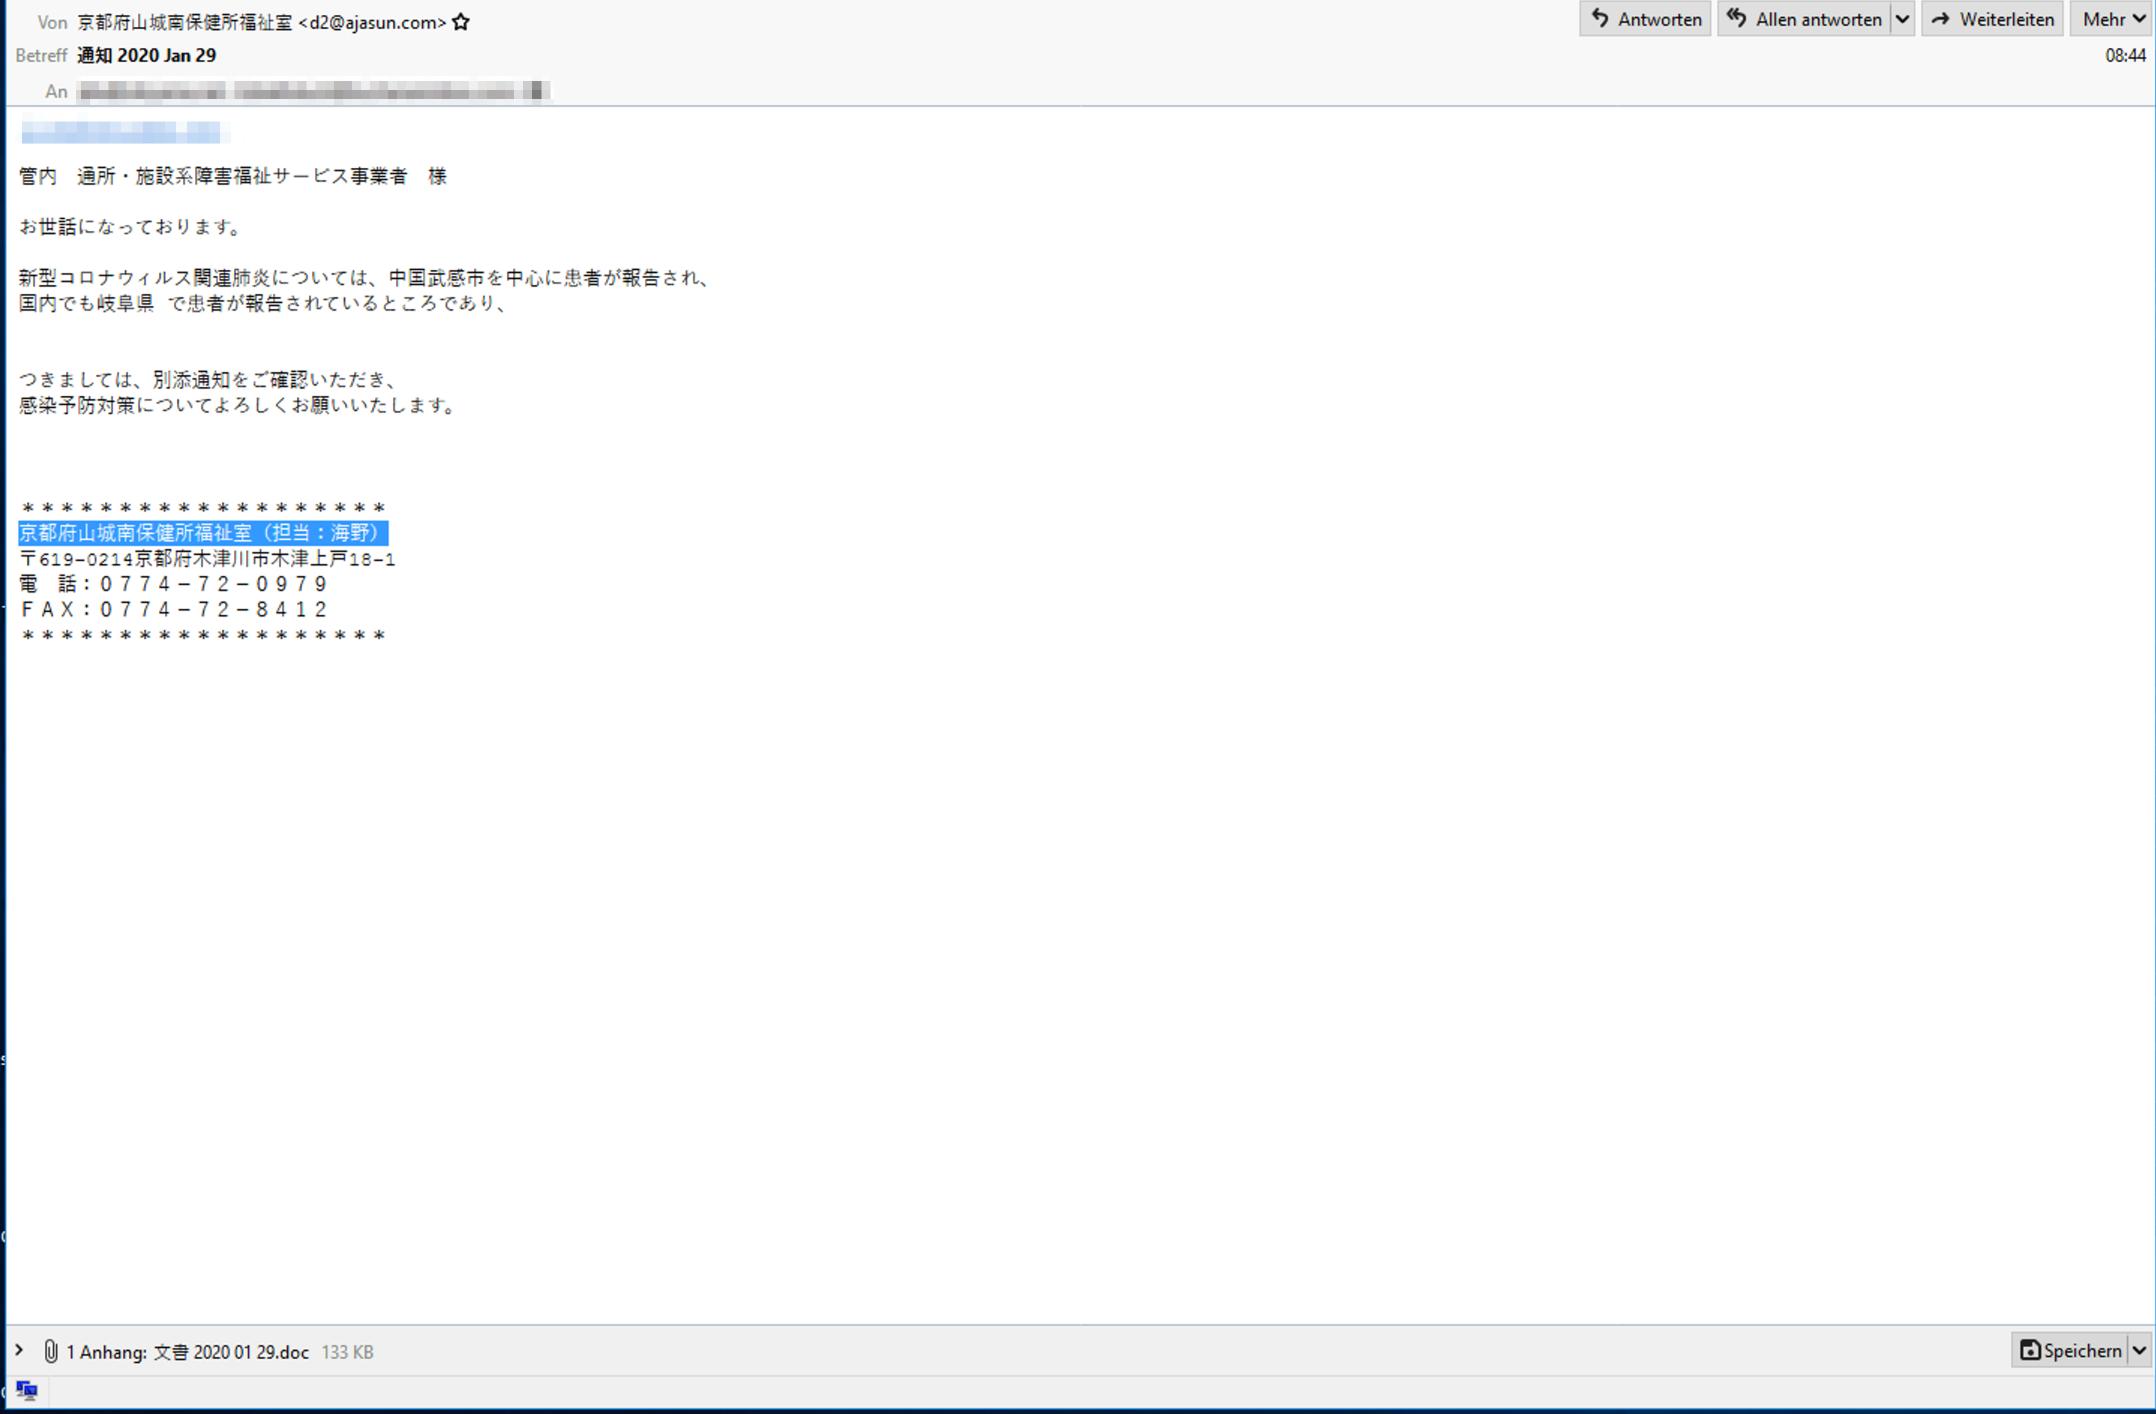 koronavirus-email.jpg